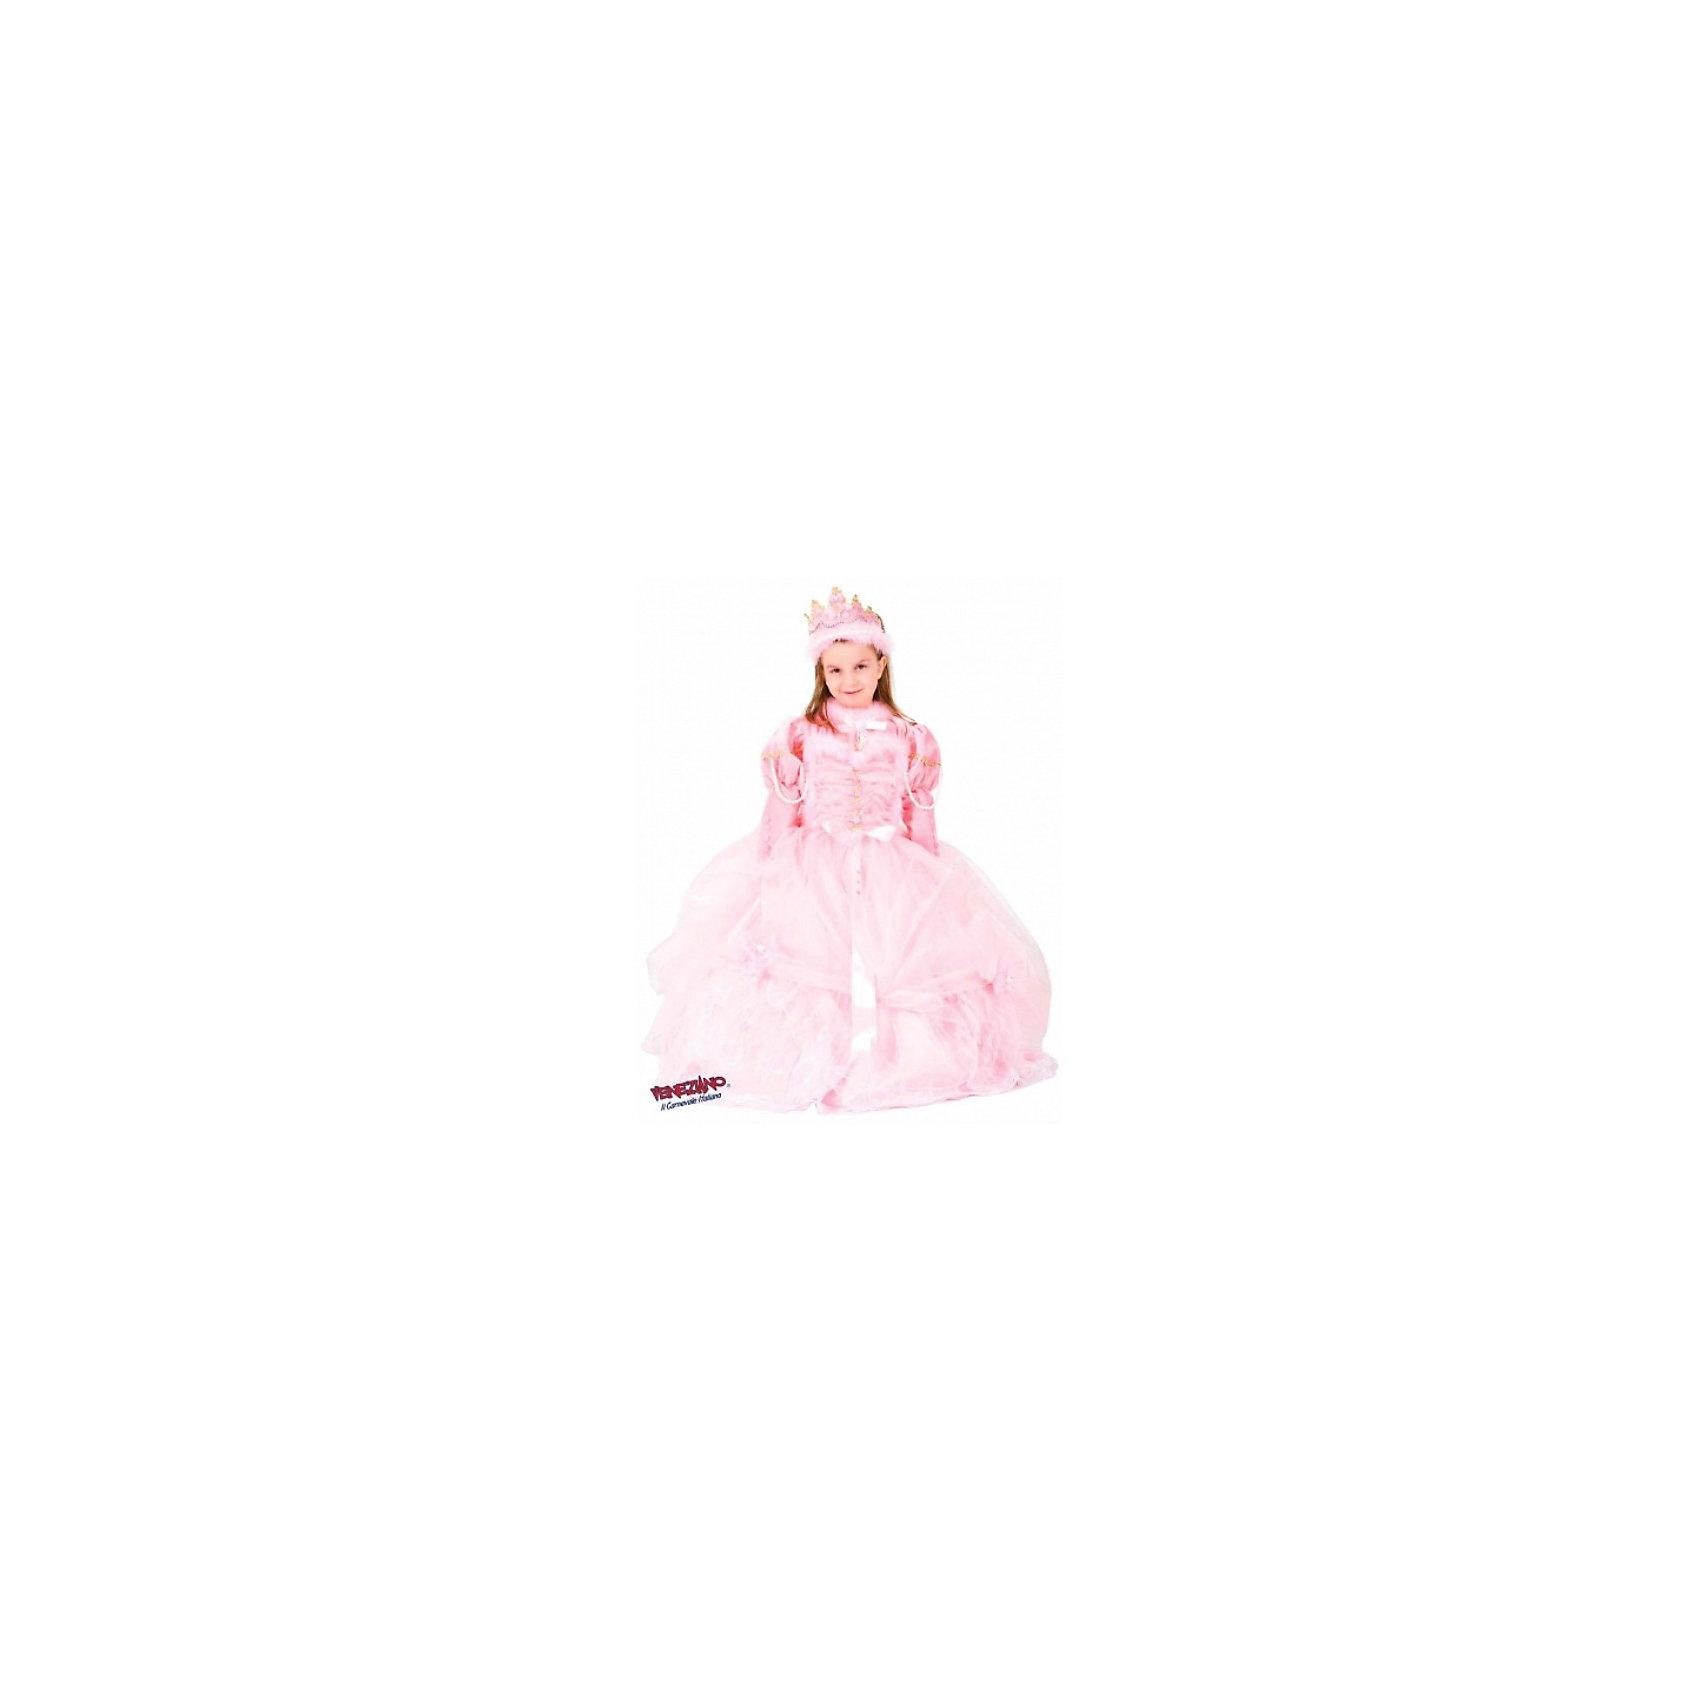 Карнавальный костюм Барби на балу, 3 года, Veneziano